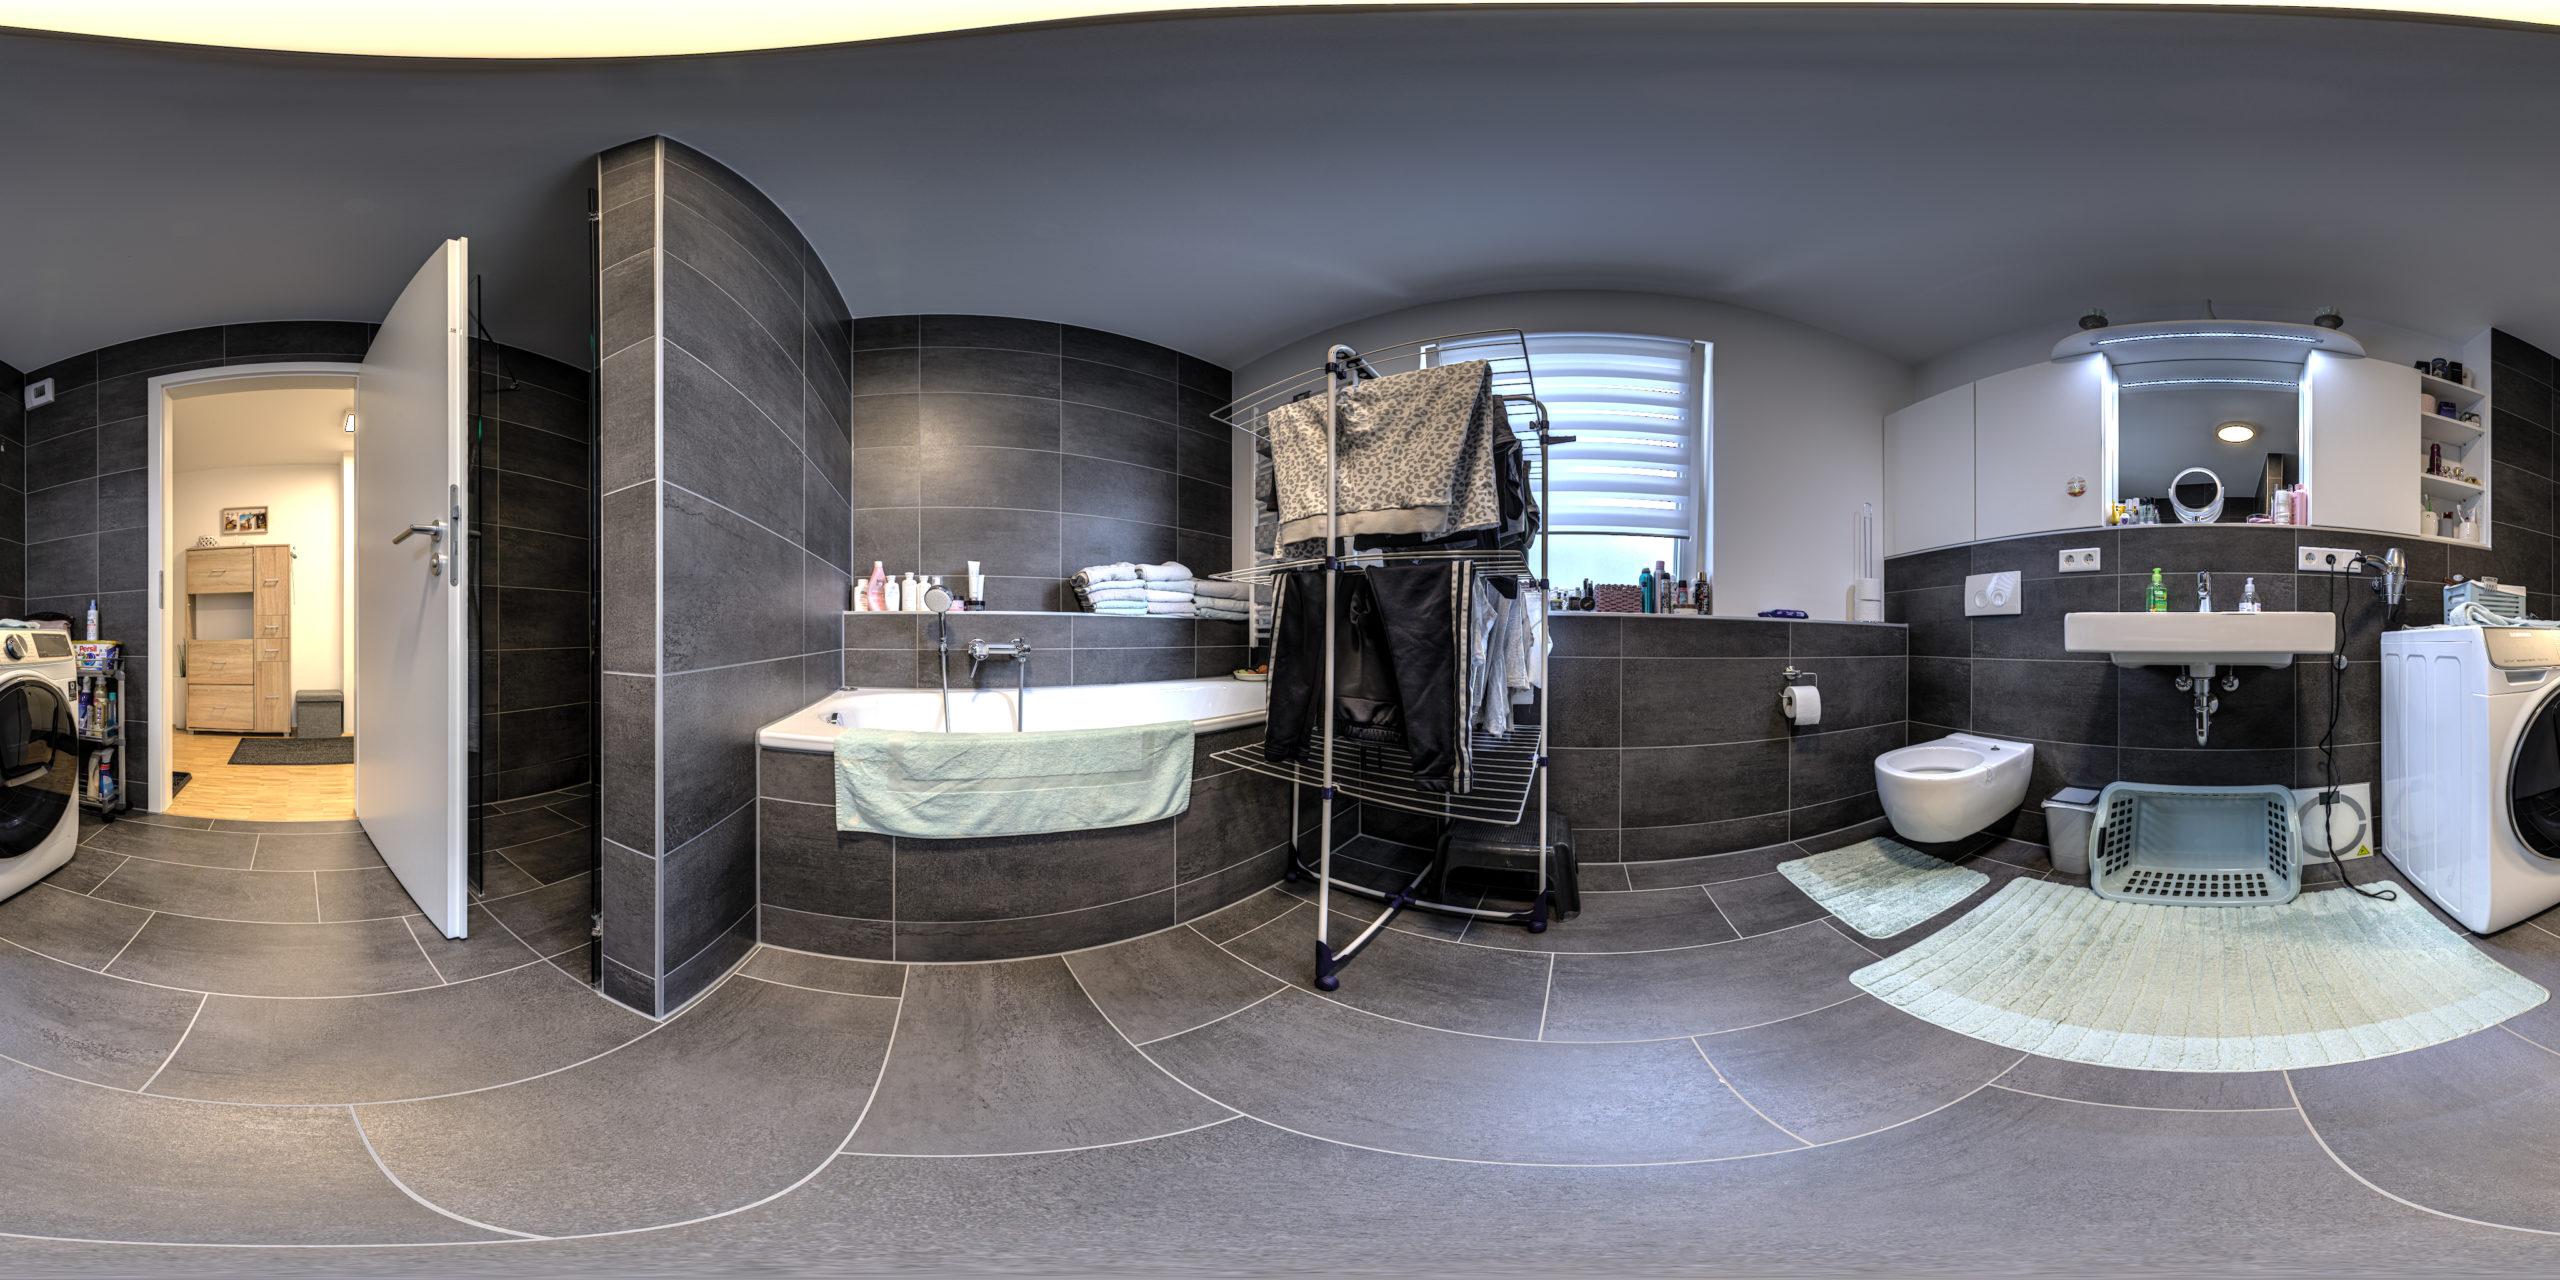 HDRI-Skies-Bathroom-Georgensgmünd